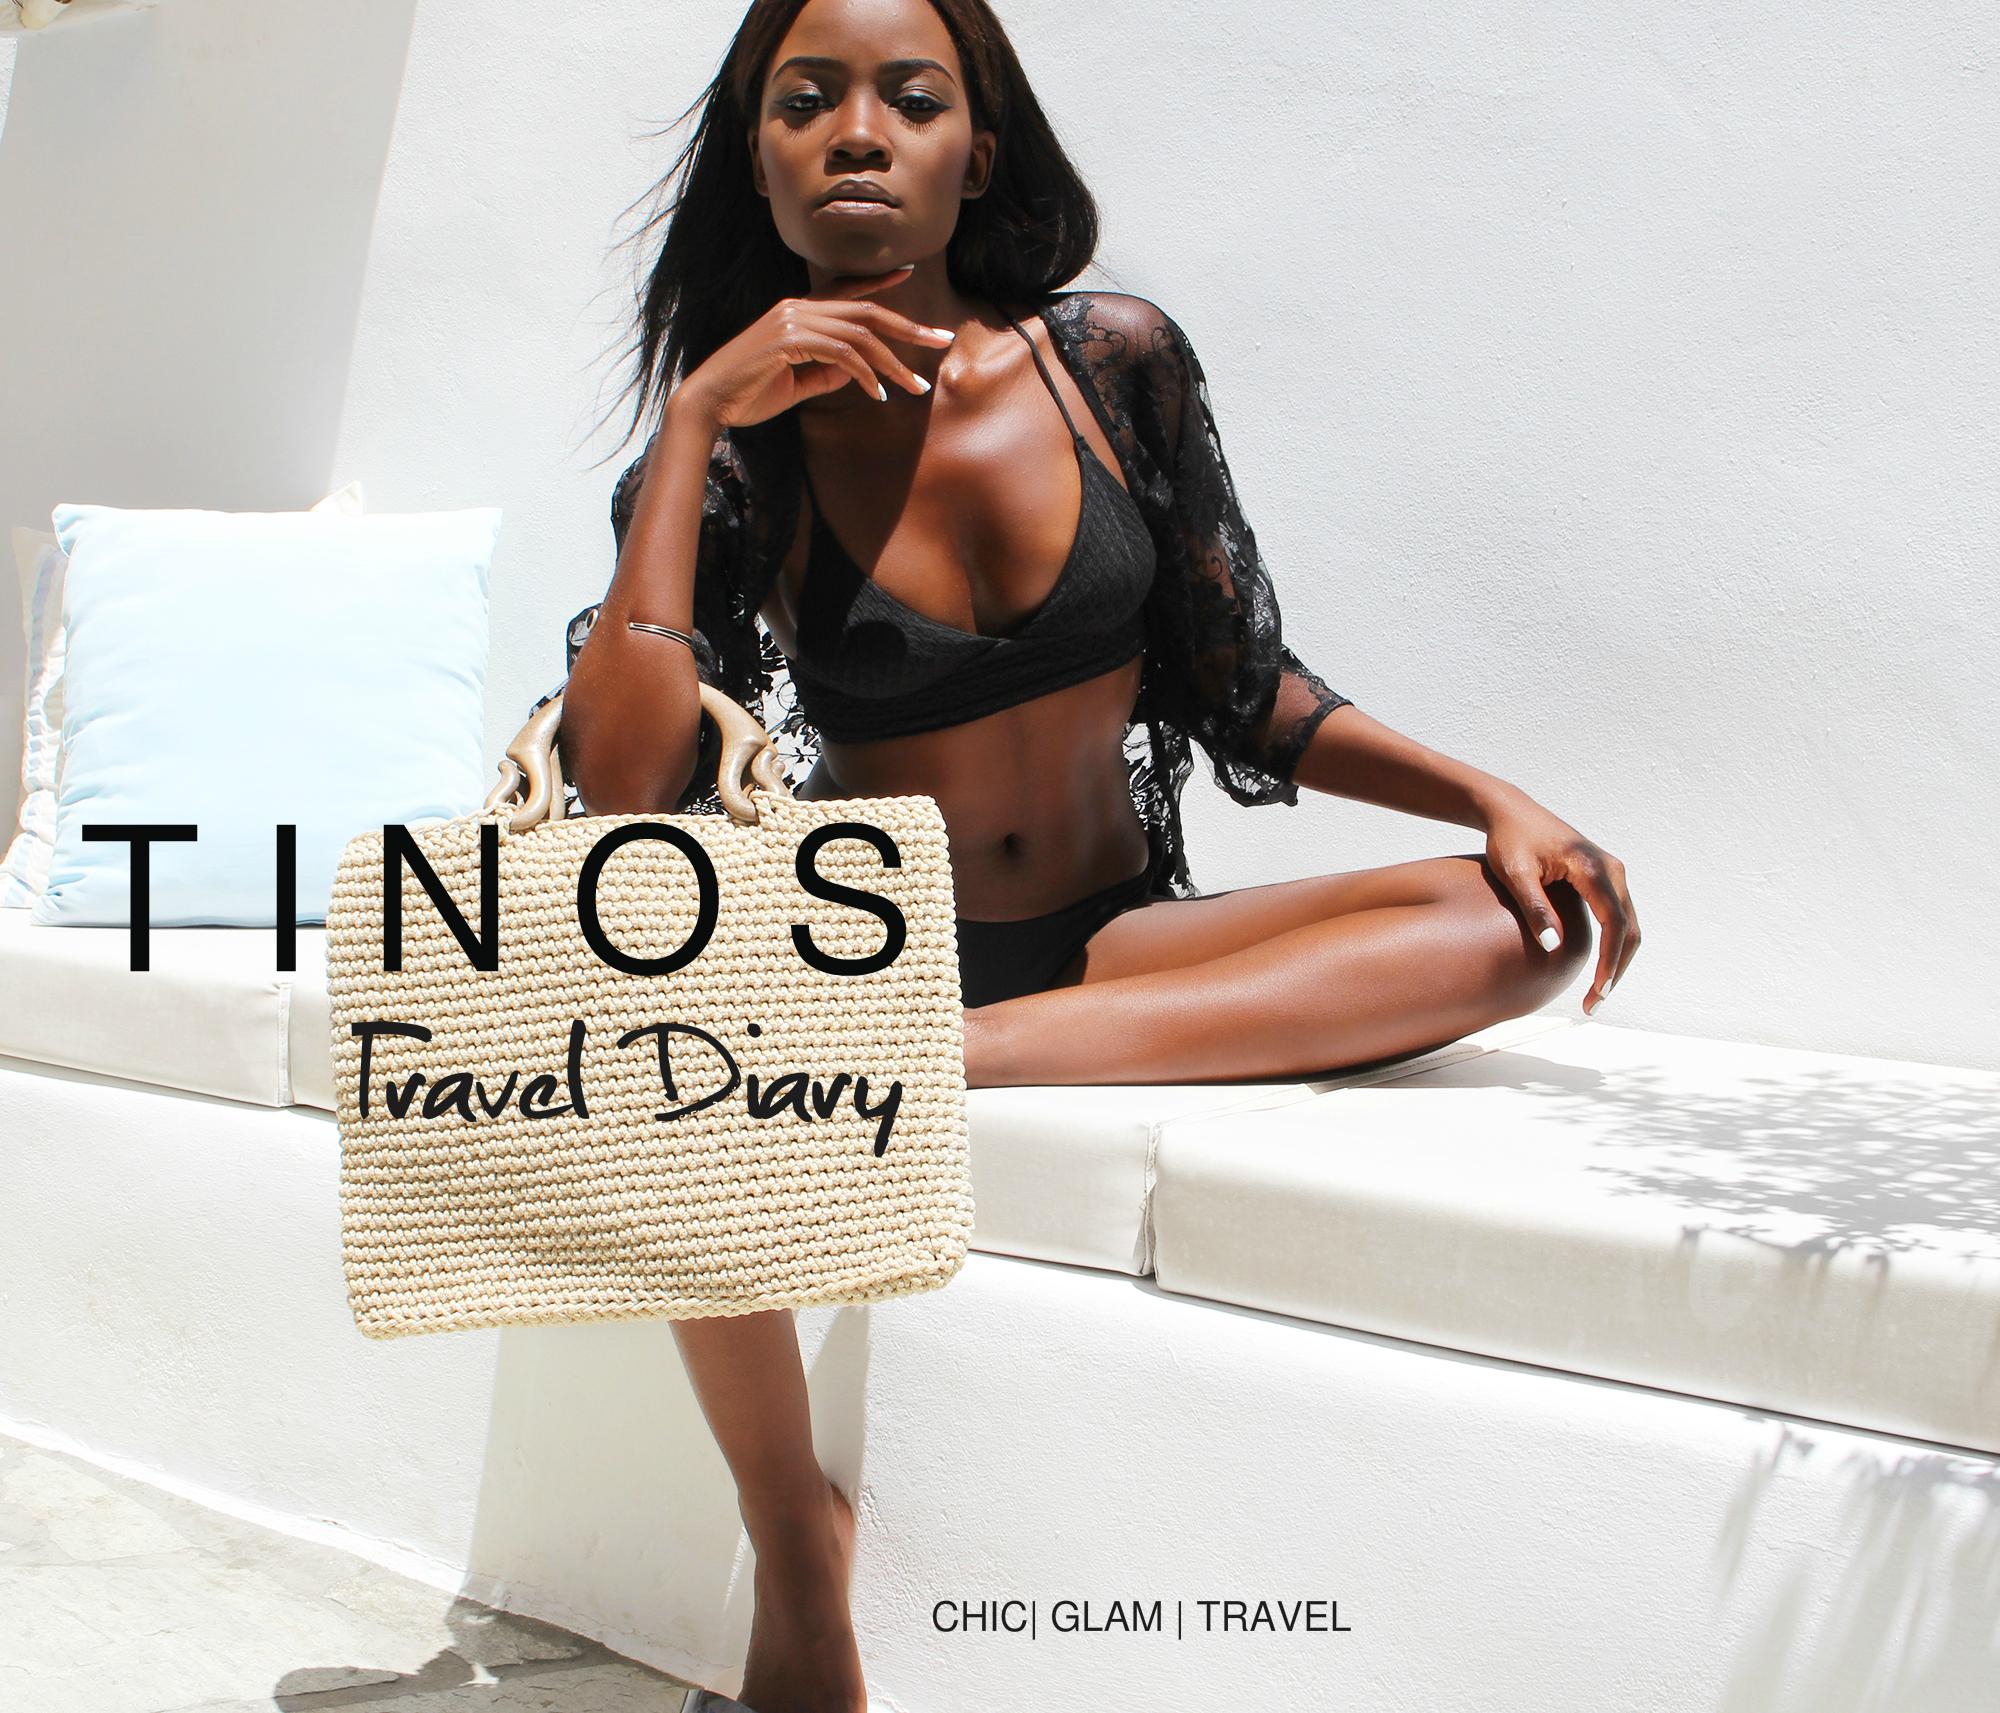 tinos-travel-diary